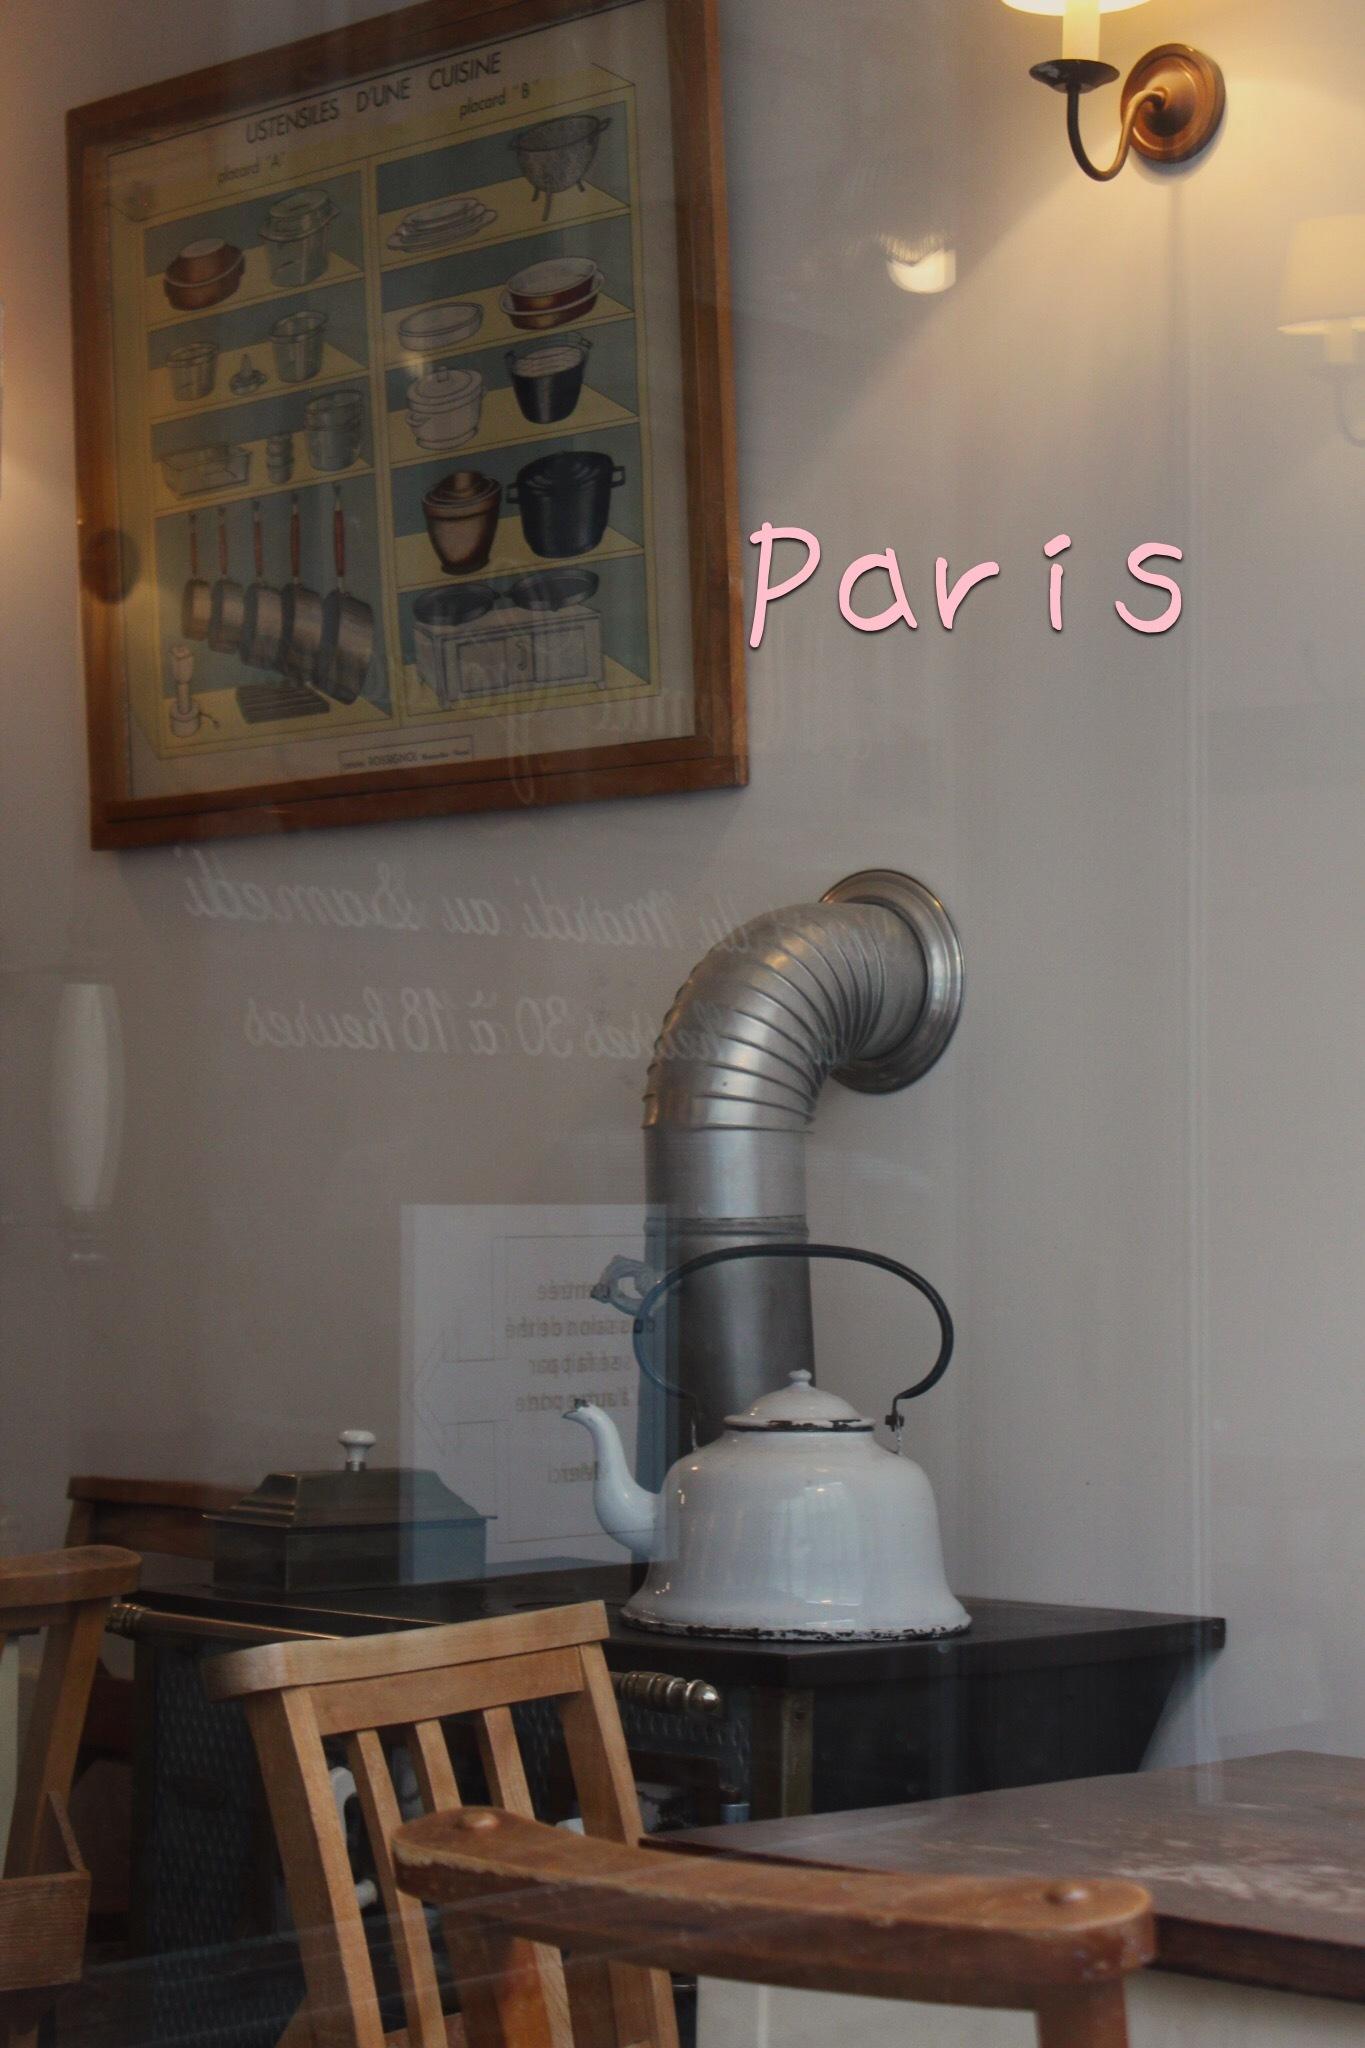 パリの旅日記!サンジェルマン・デプレ*⃝̣◌︎⑅⃝︎◍︎♡︎◌︎*⃝̥◍︎♡︎_a0213806_17060706.jpeg